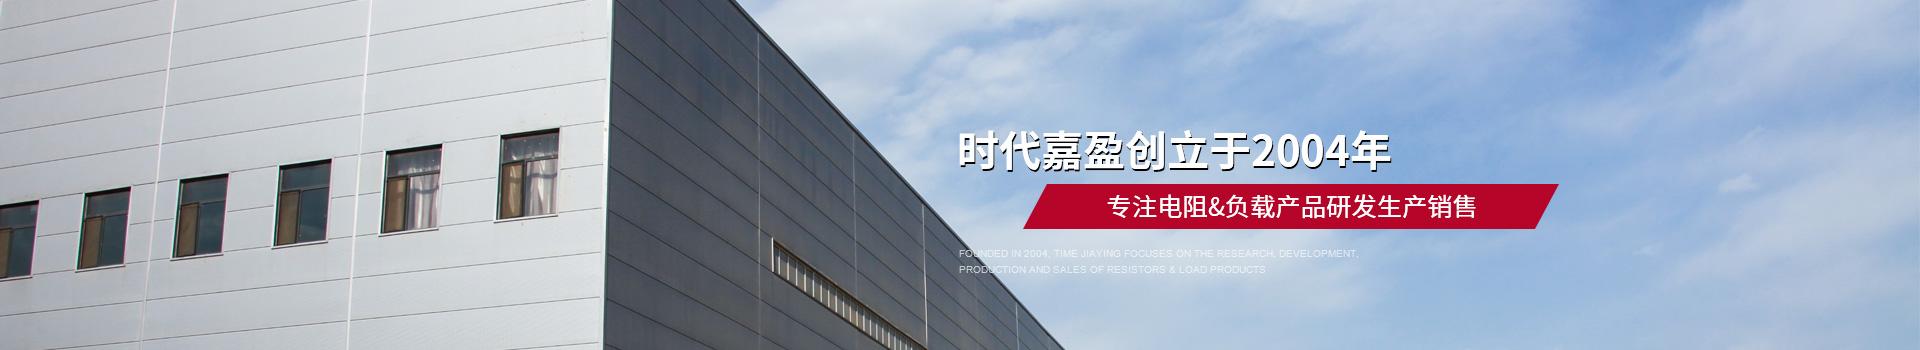 时代嘉盈专注电阻负载产品研发生产销售